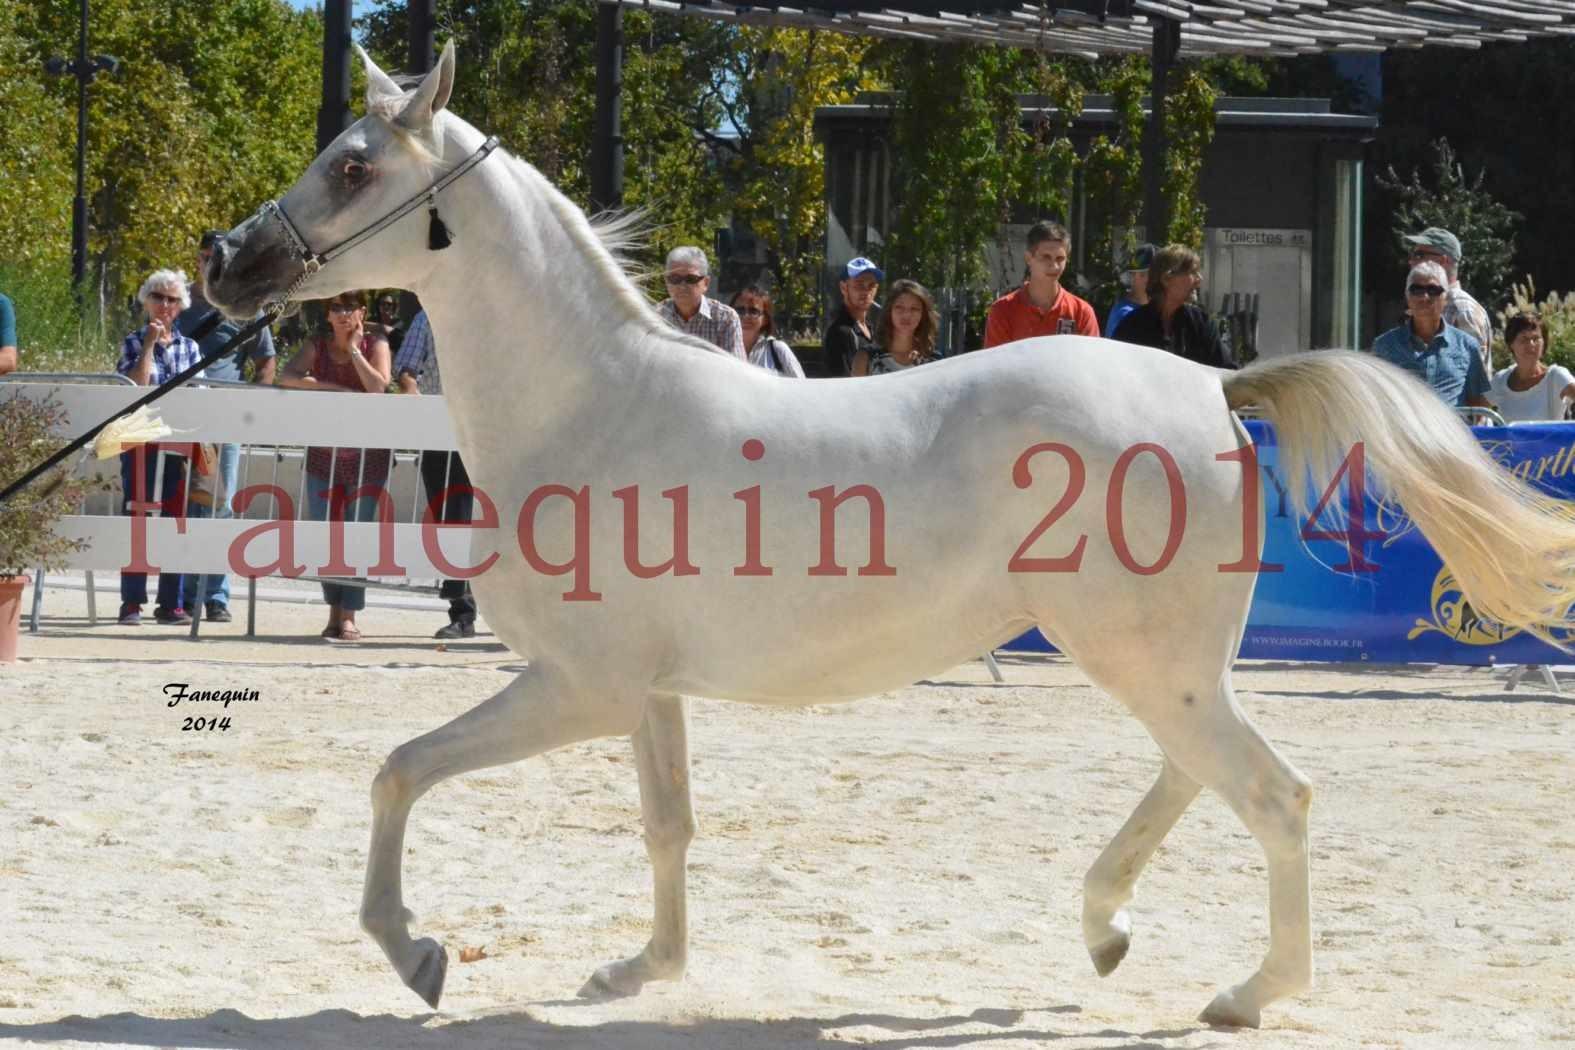 Concours National de Nîmes de chevaux ARABES 2014 - ENVY ETERNITY - 09